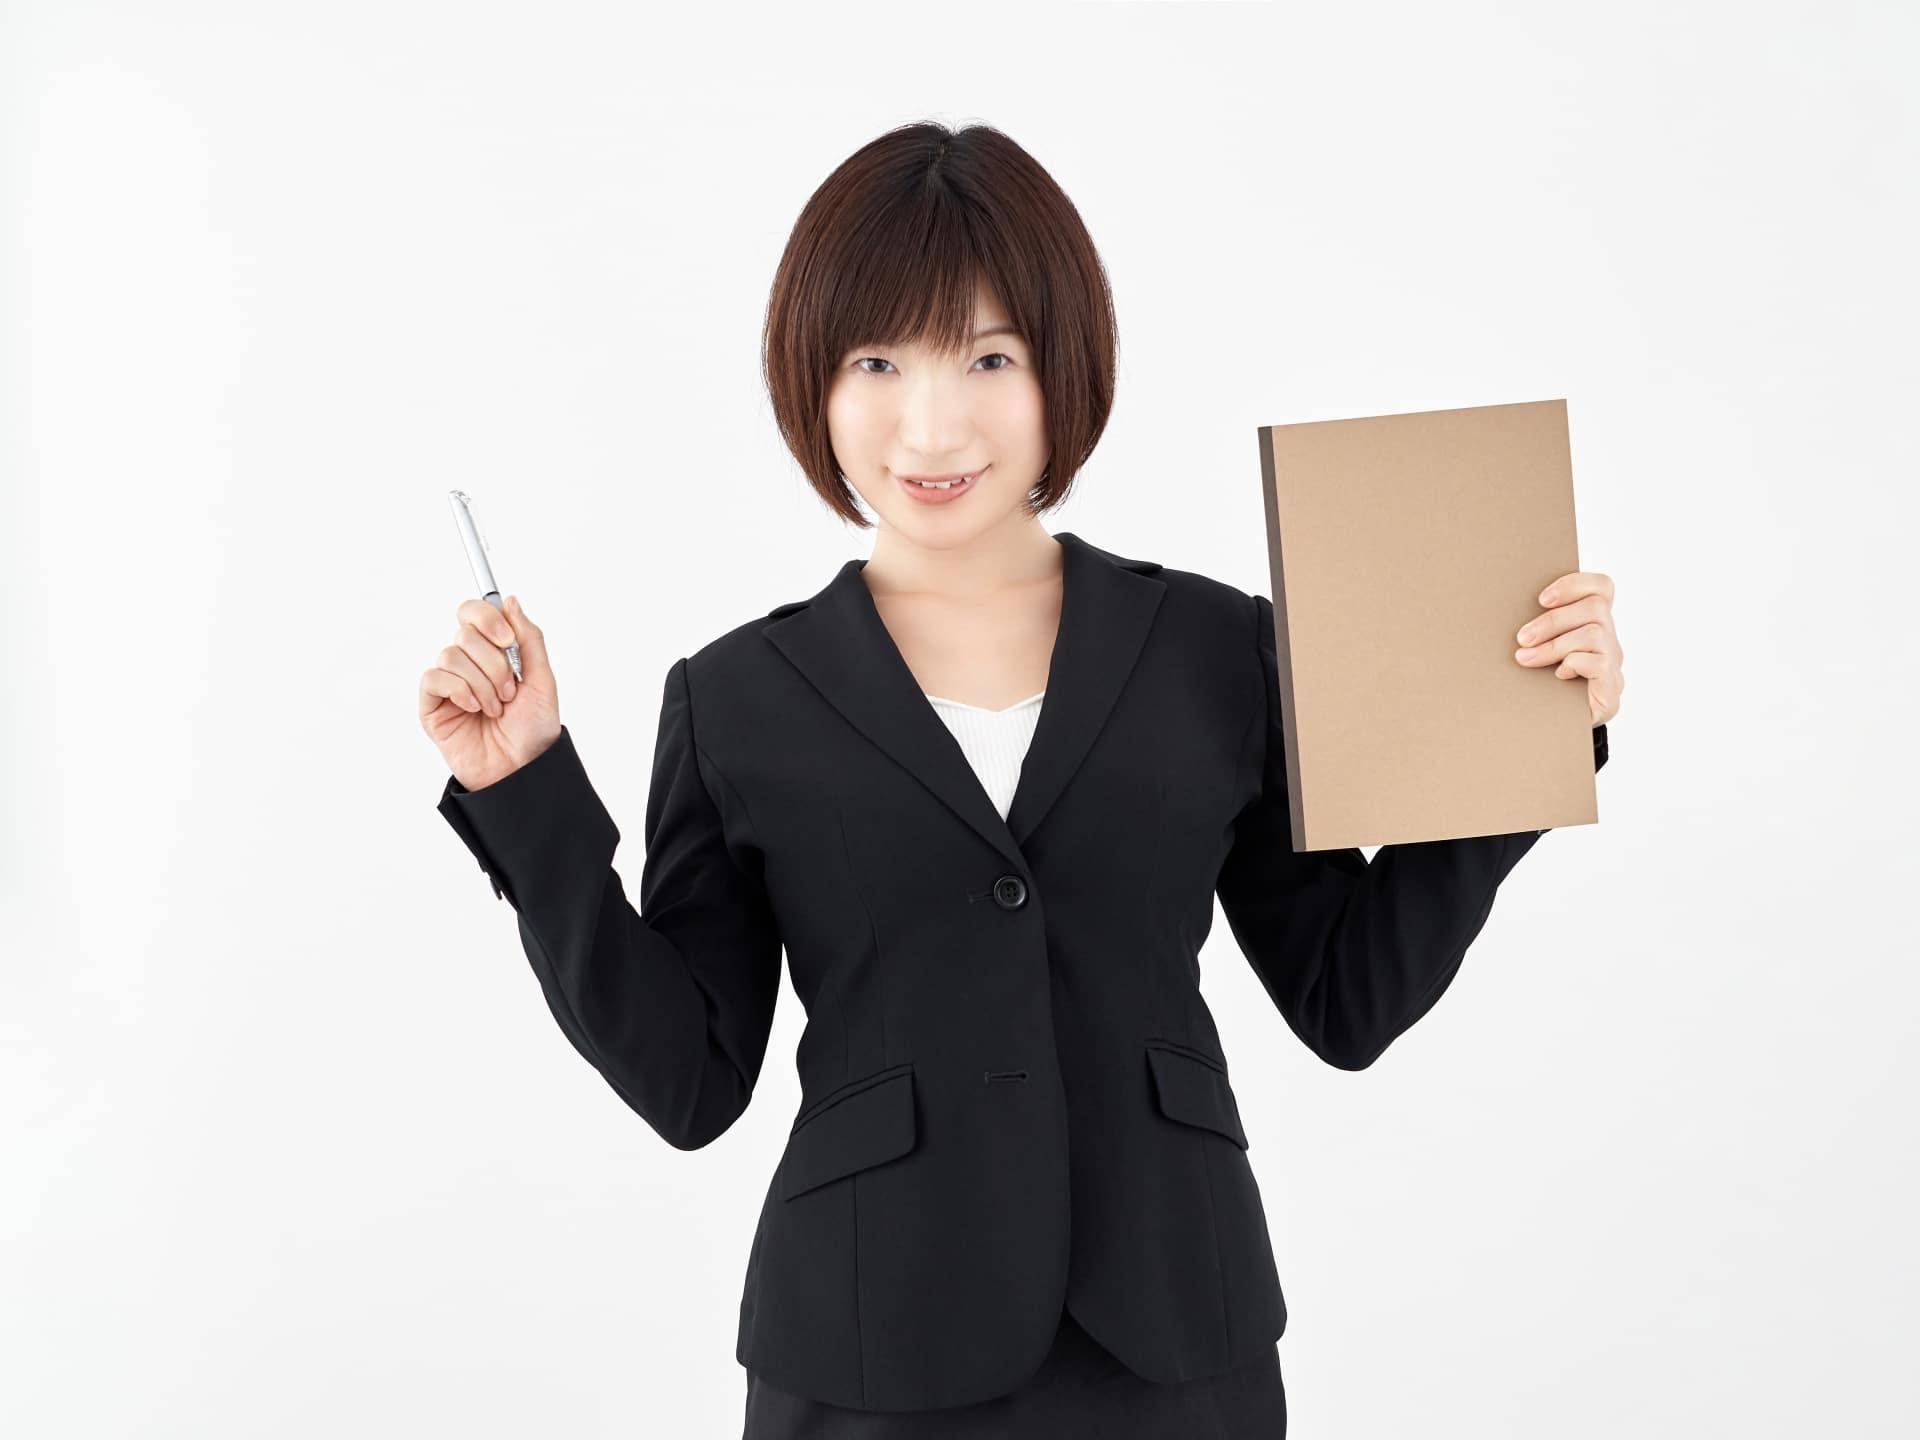 ペンとノートを持つ女性